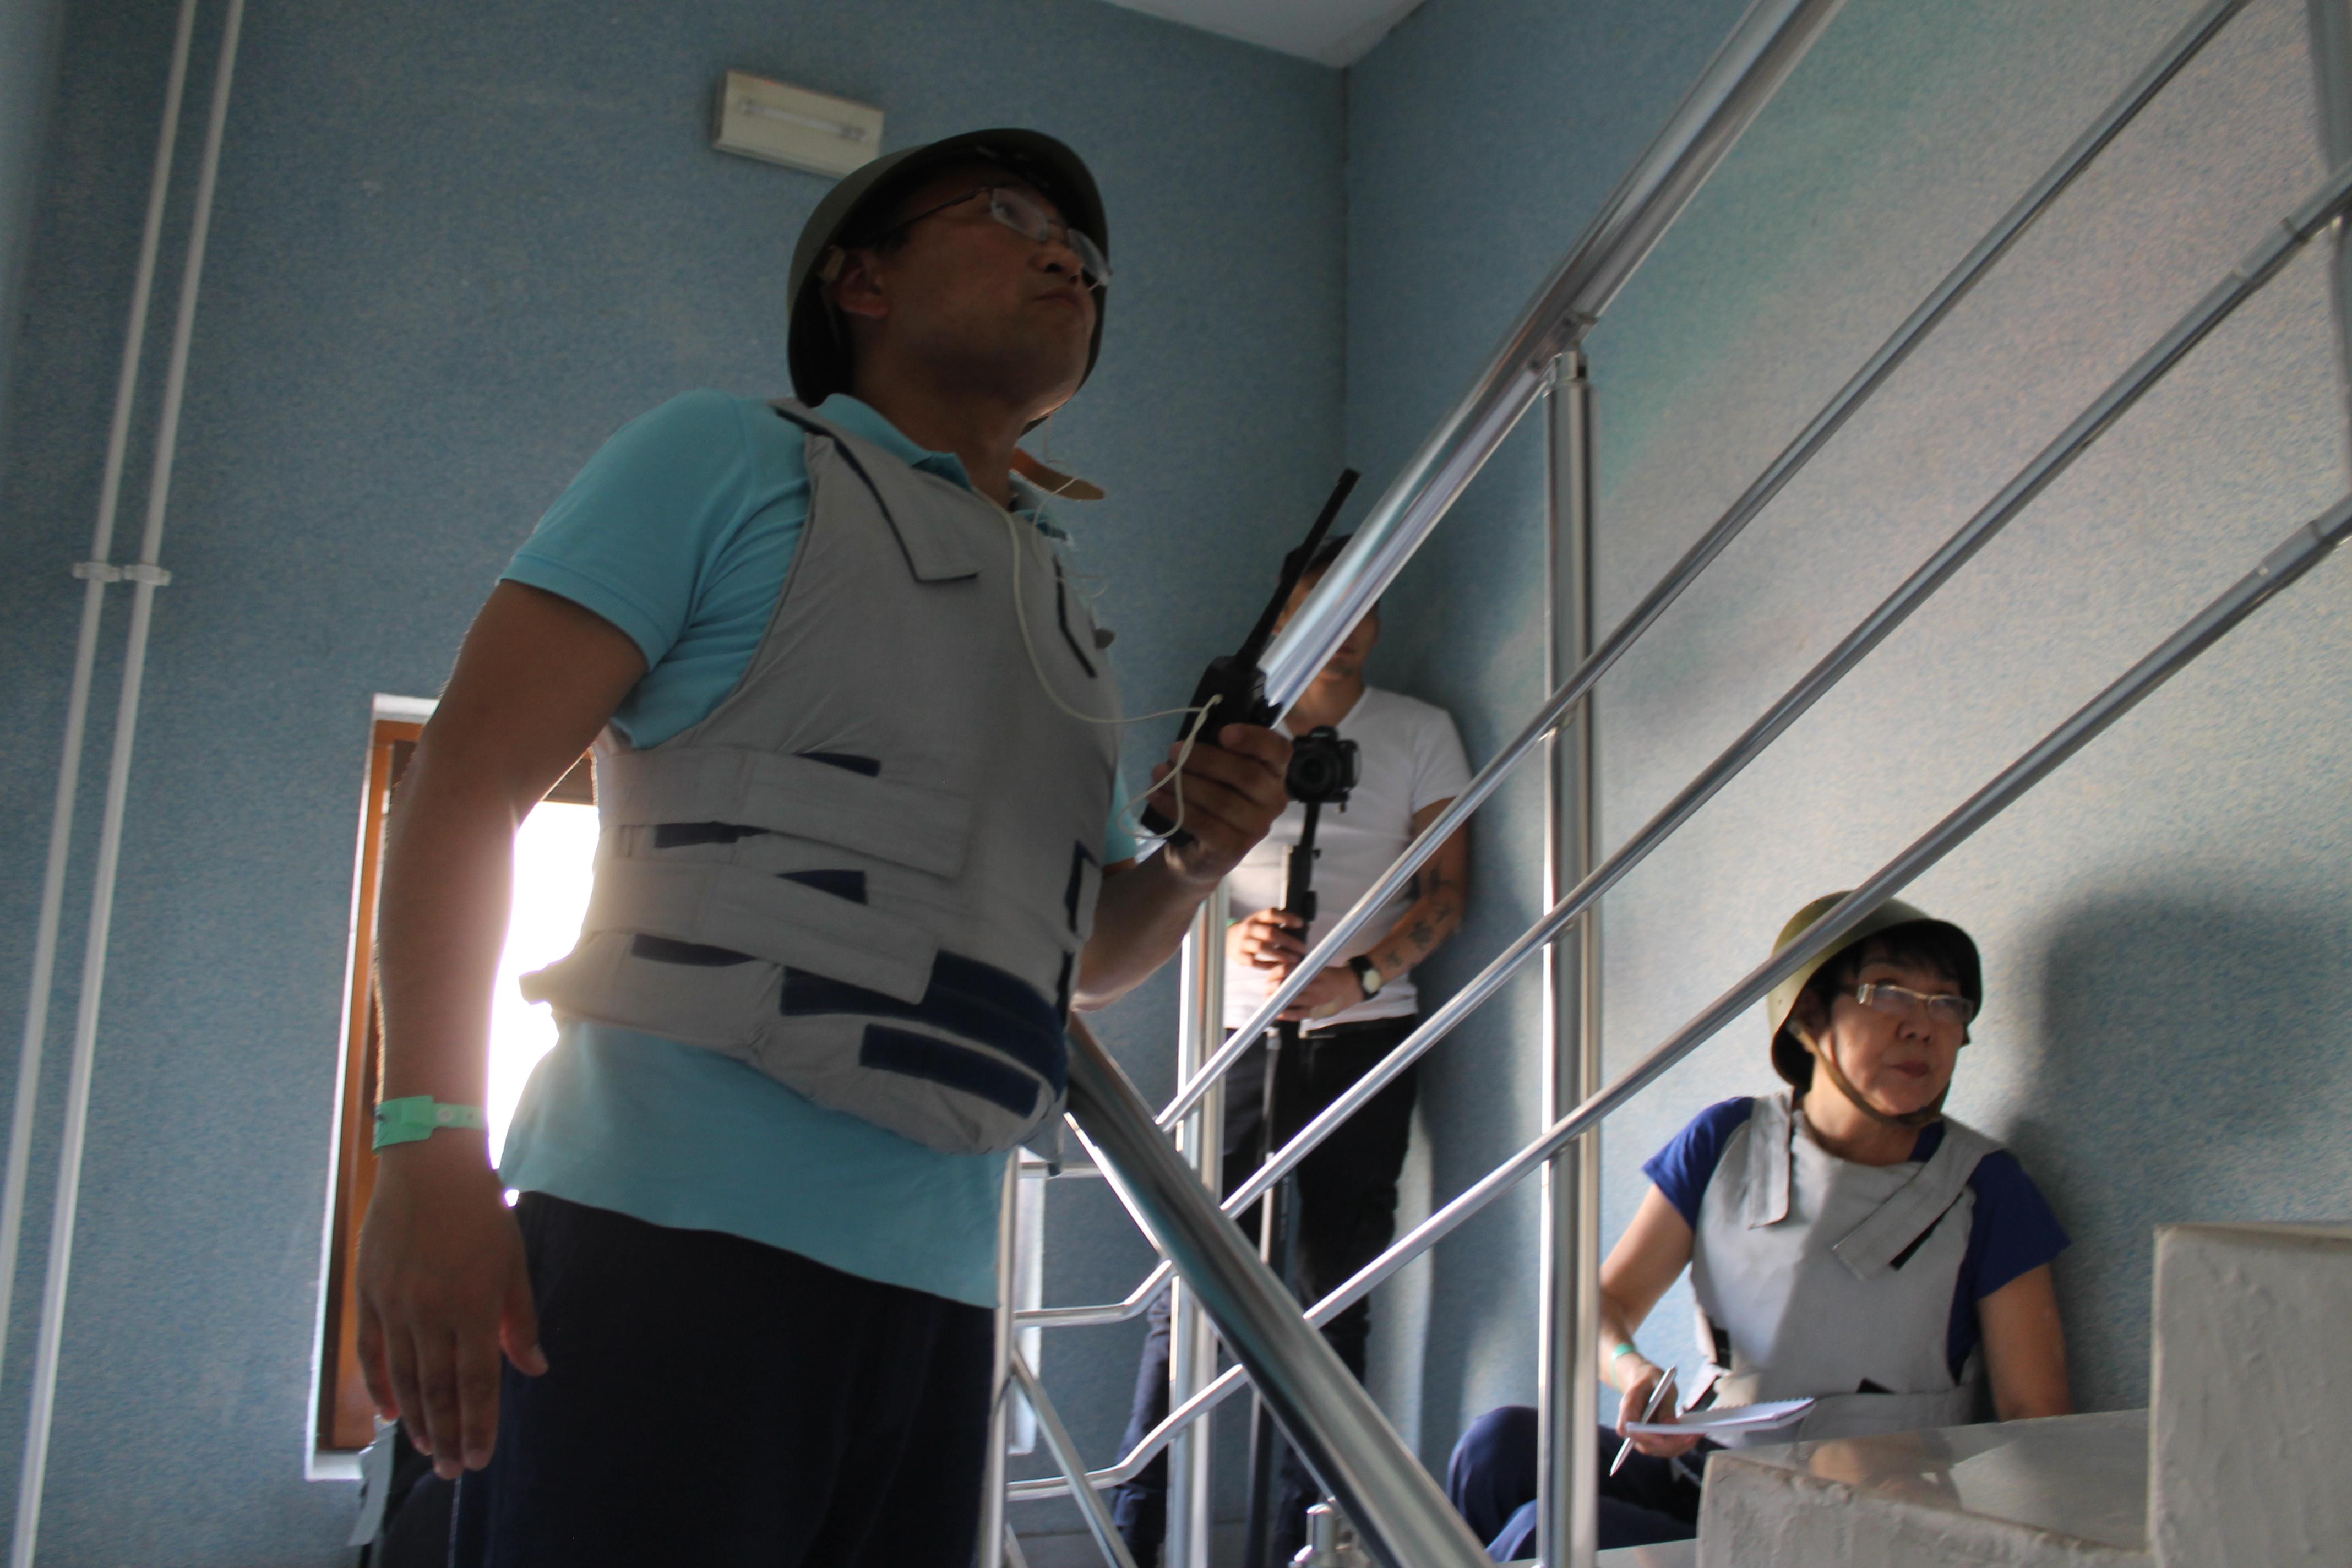 OSCE teaches Kazakh law enforcement conflict management skills